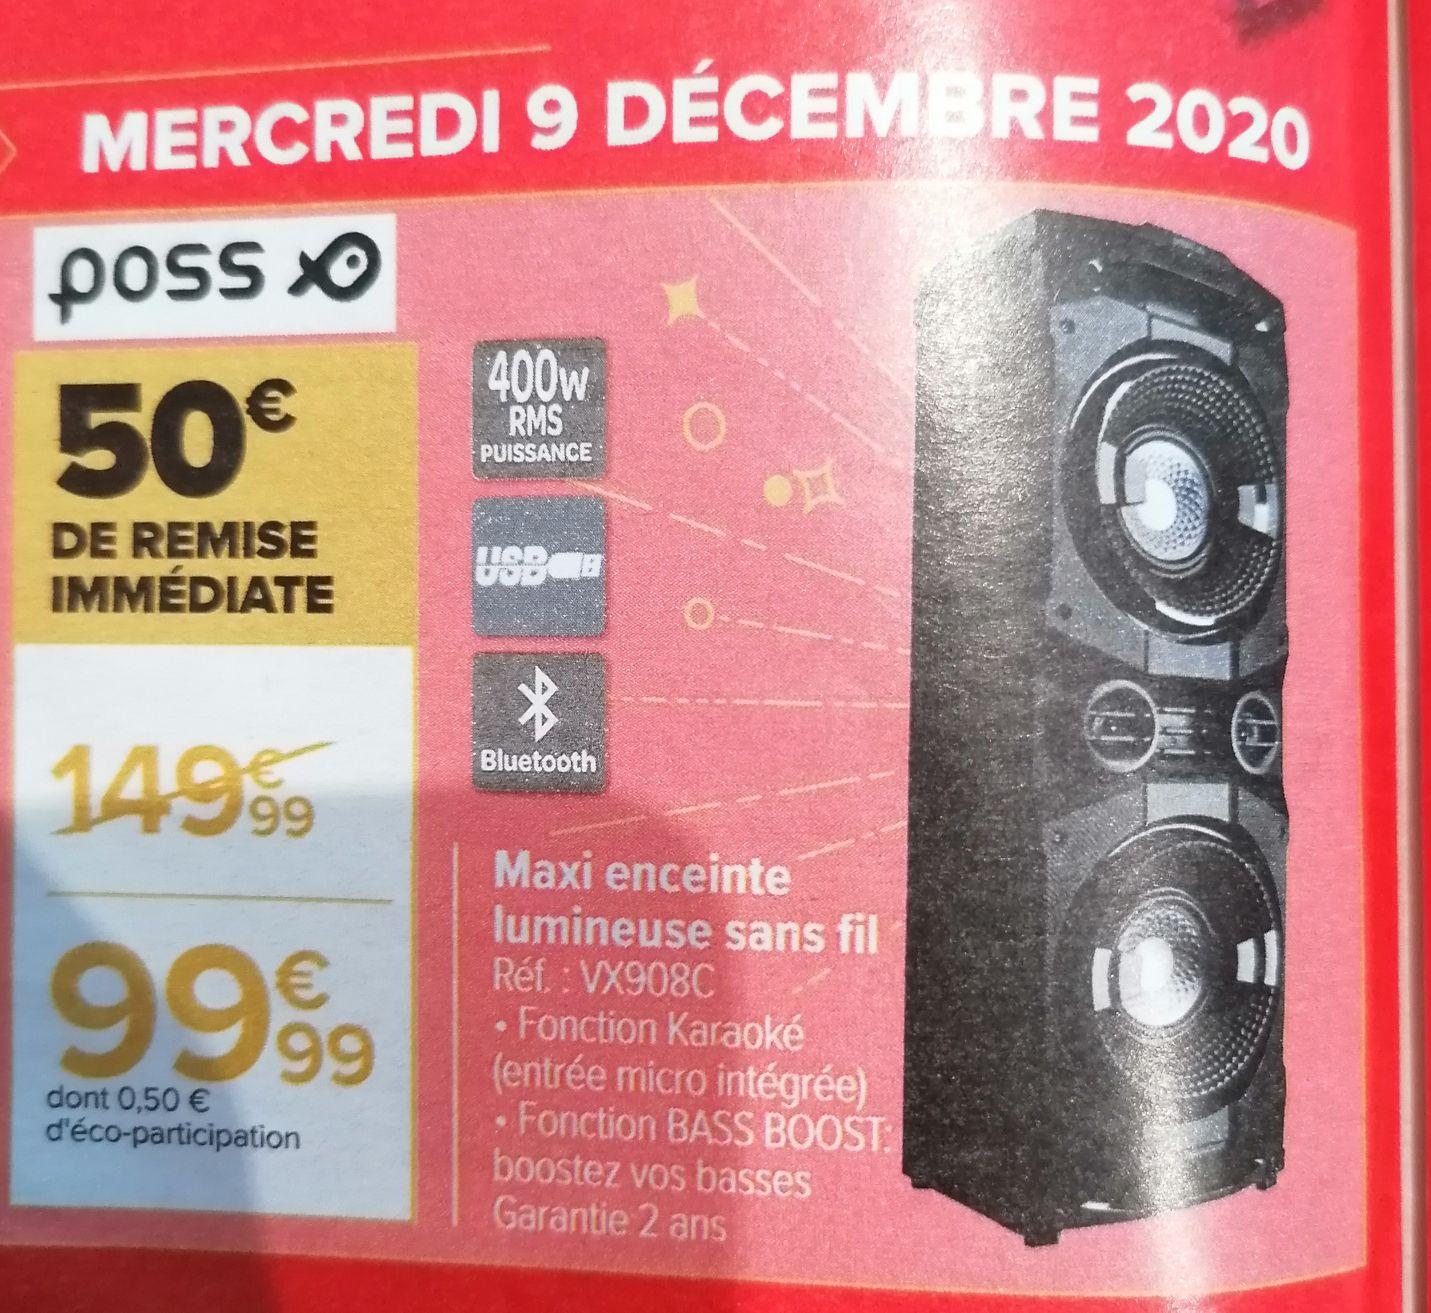 Sélection d'articles en promotion - Ex: Enceinte Bluetooth karaoké Poss - 400 W RMS, Bast Boost, avec effets lumineux